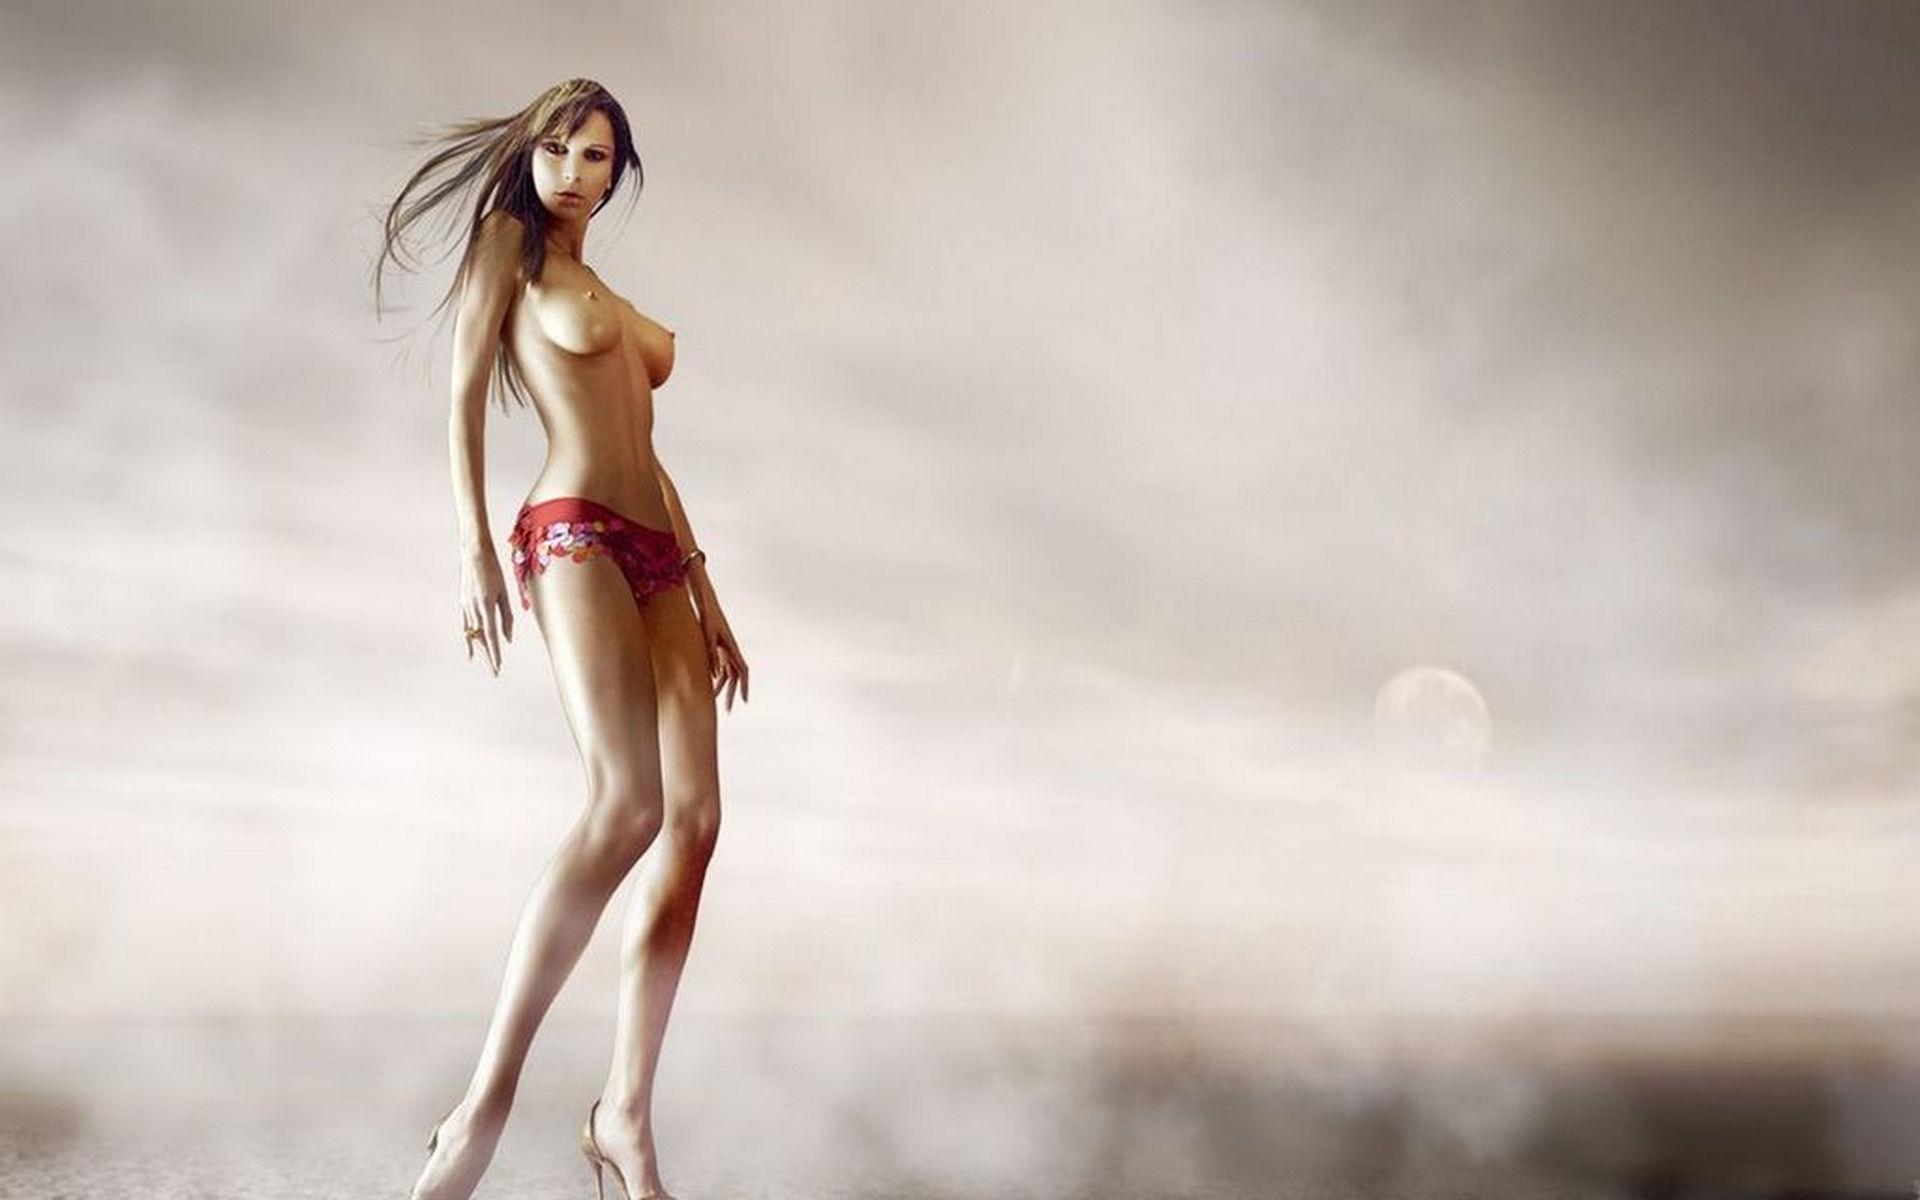 Тощие девочки голые фото 3 фотография